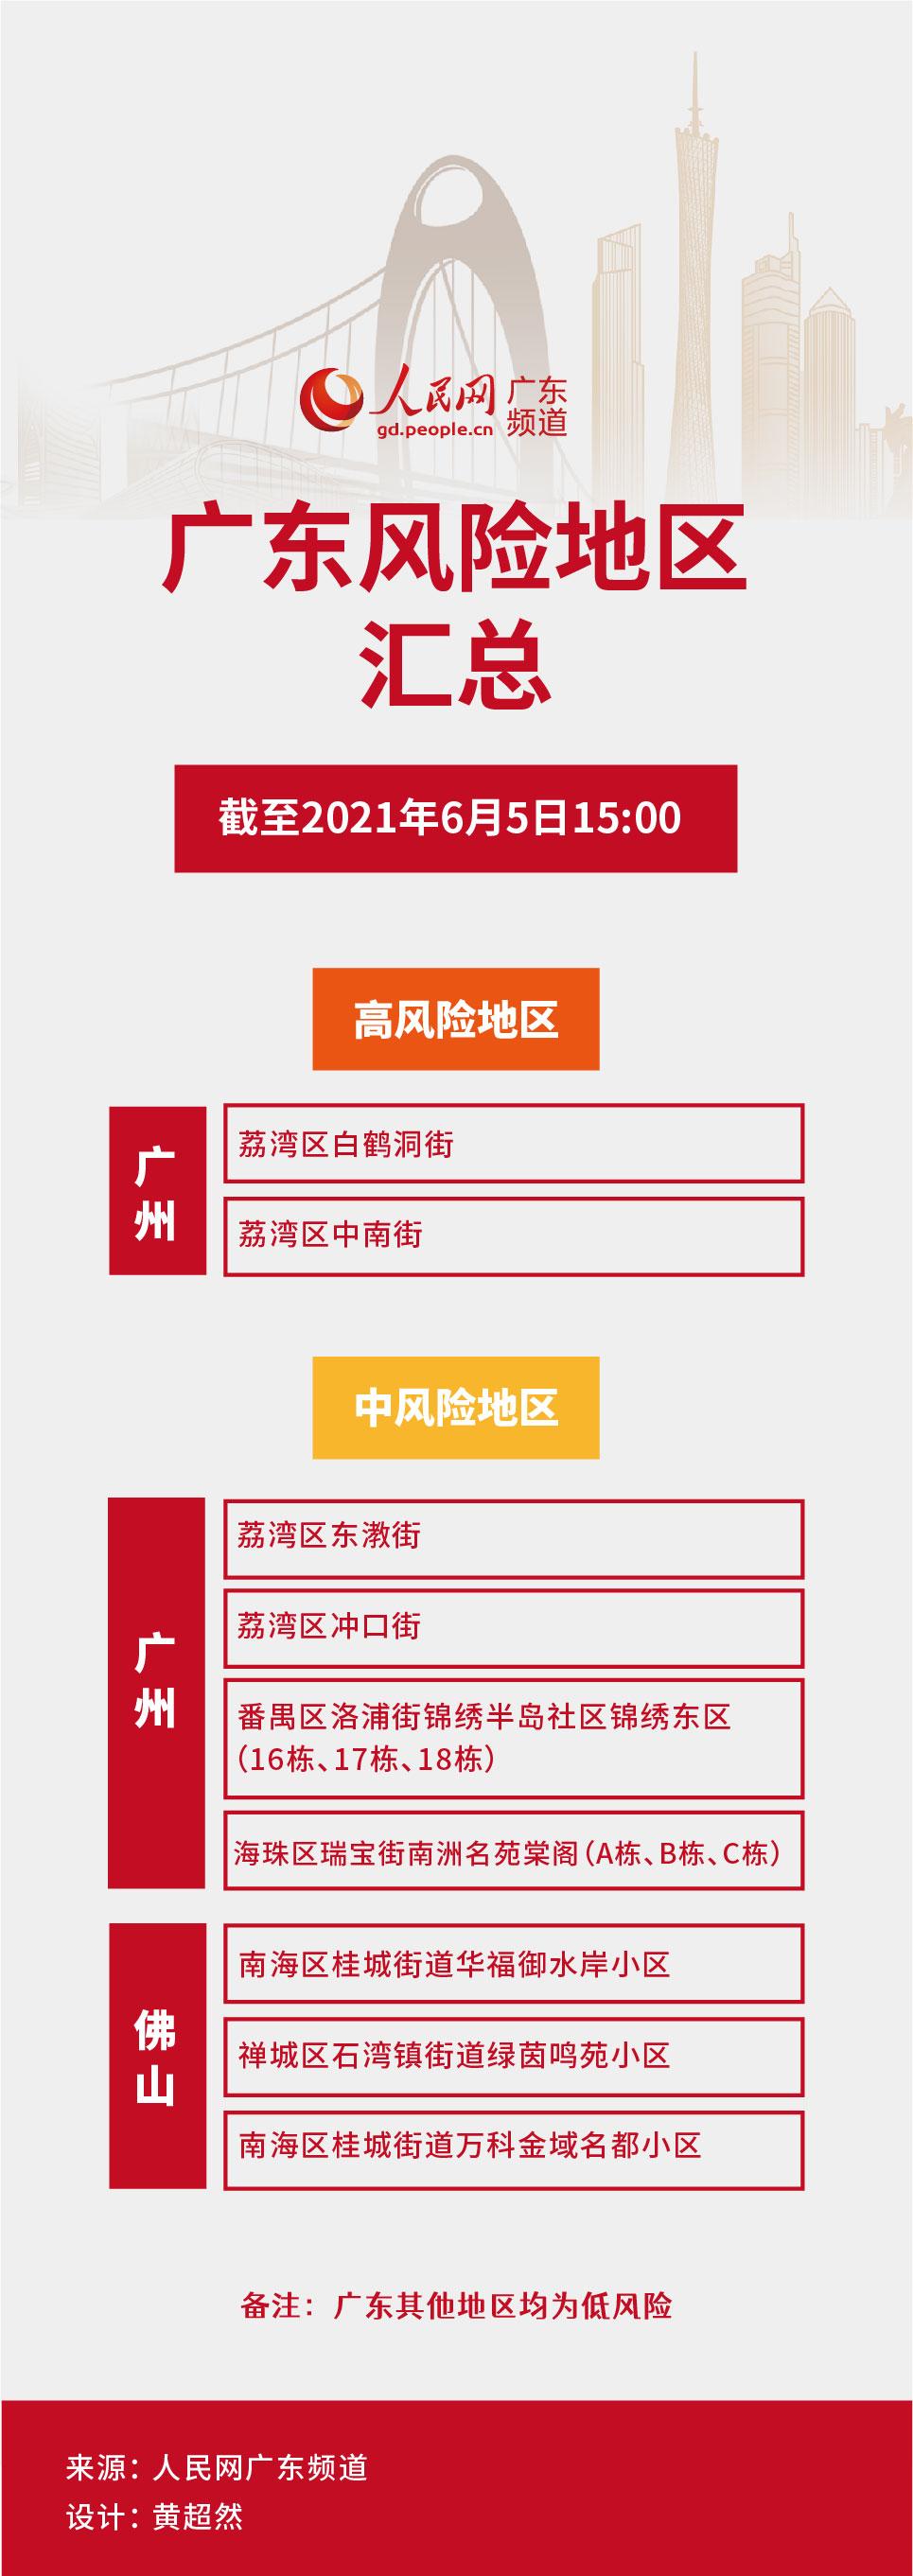 广东佛山一地升为中风险广州一地降为低风险